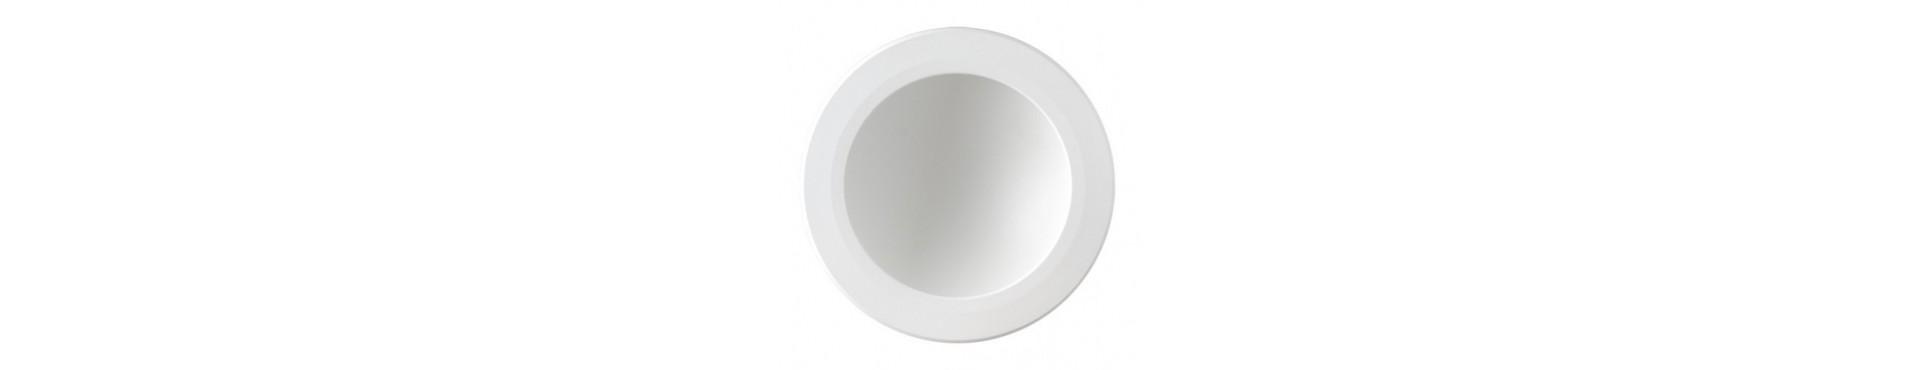 Indirekte LED downlight - Køb indirekte LED downlight online